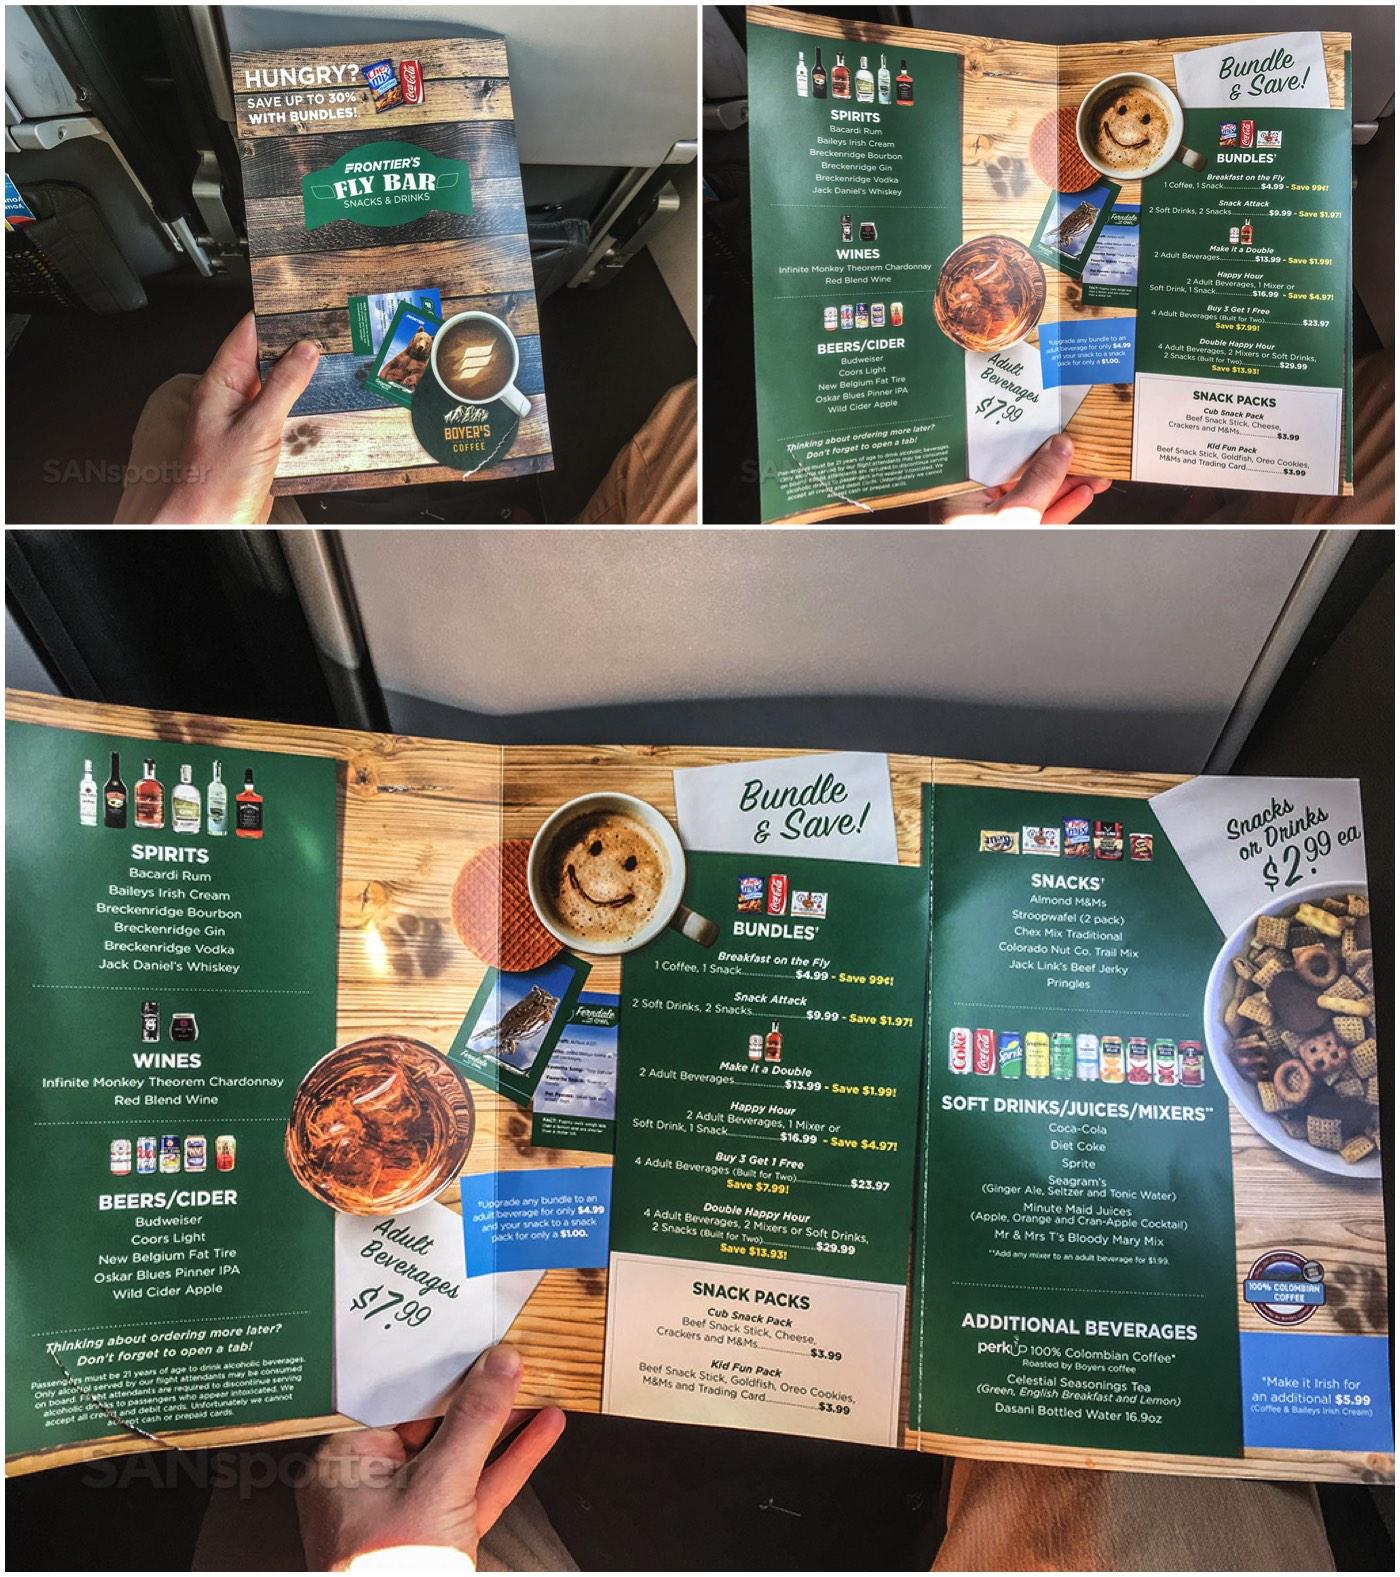 Frontier Airlines snack menu